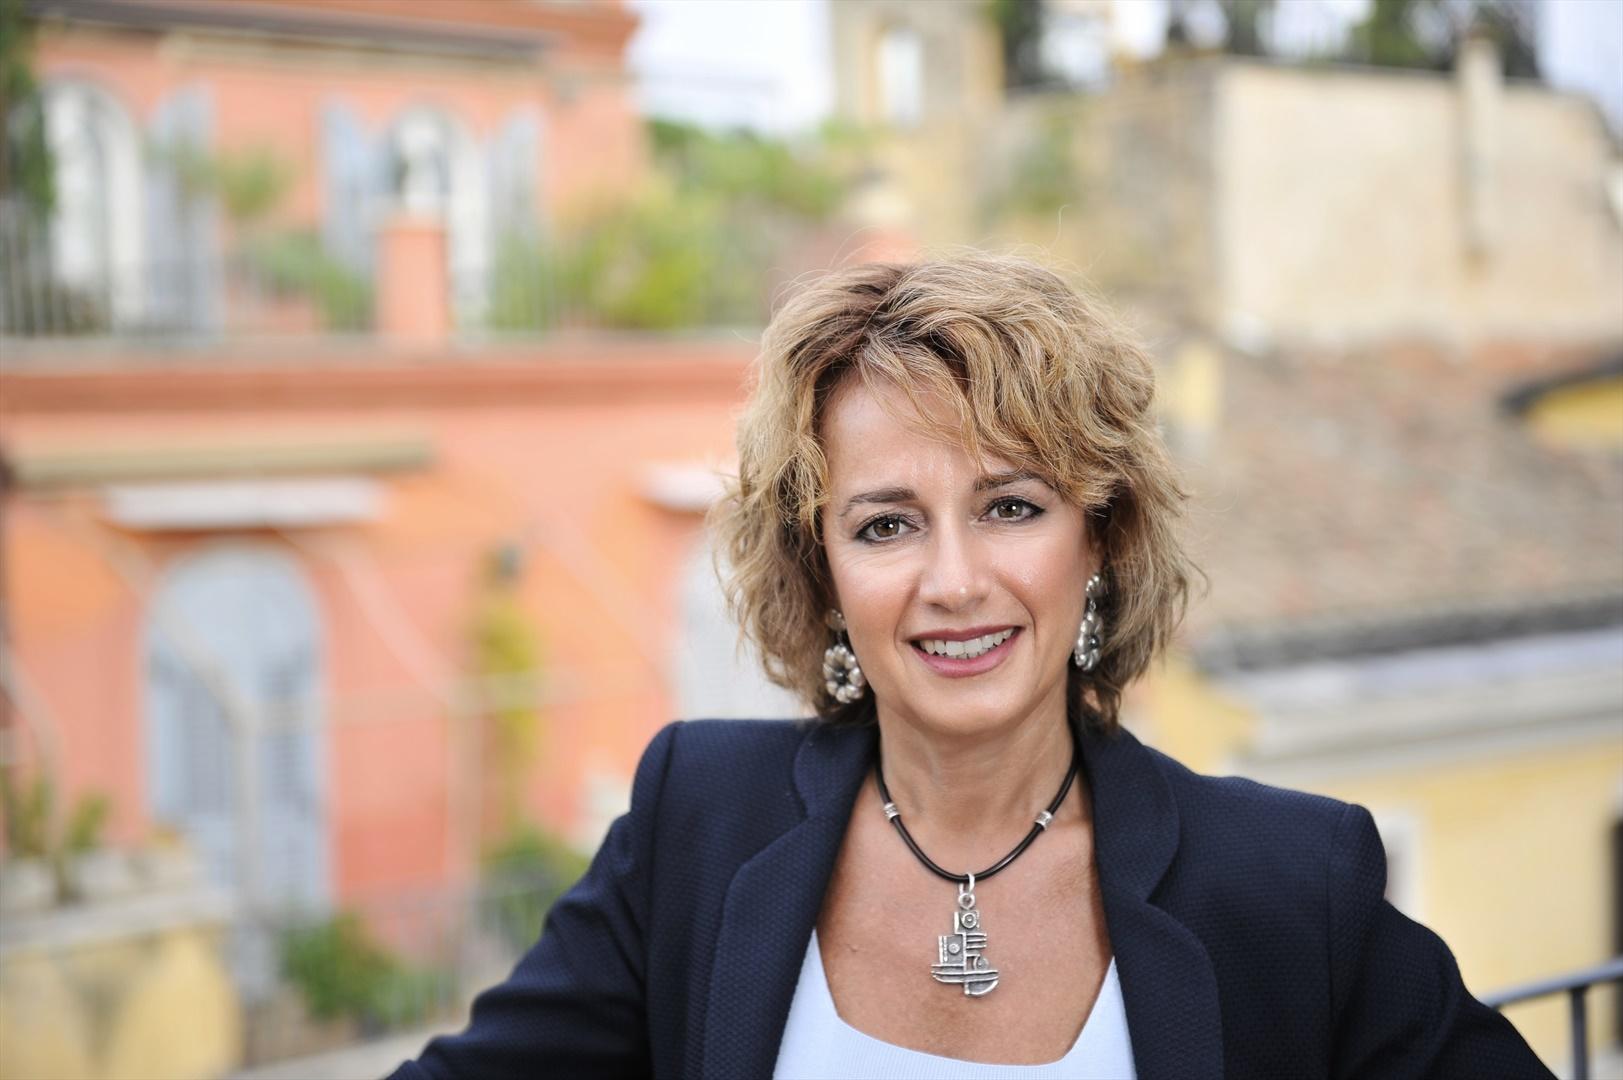 L'Avvocato Caterina Flick ai microfoni di Radio Cusano Campus